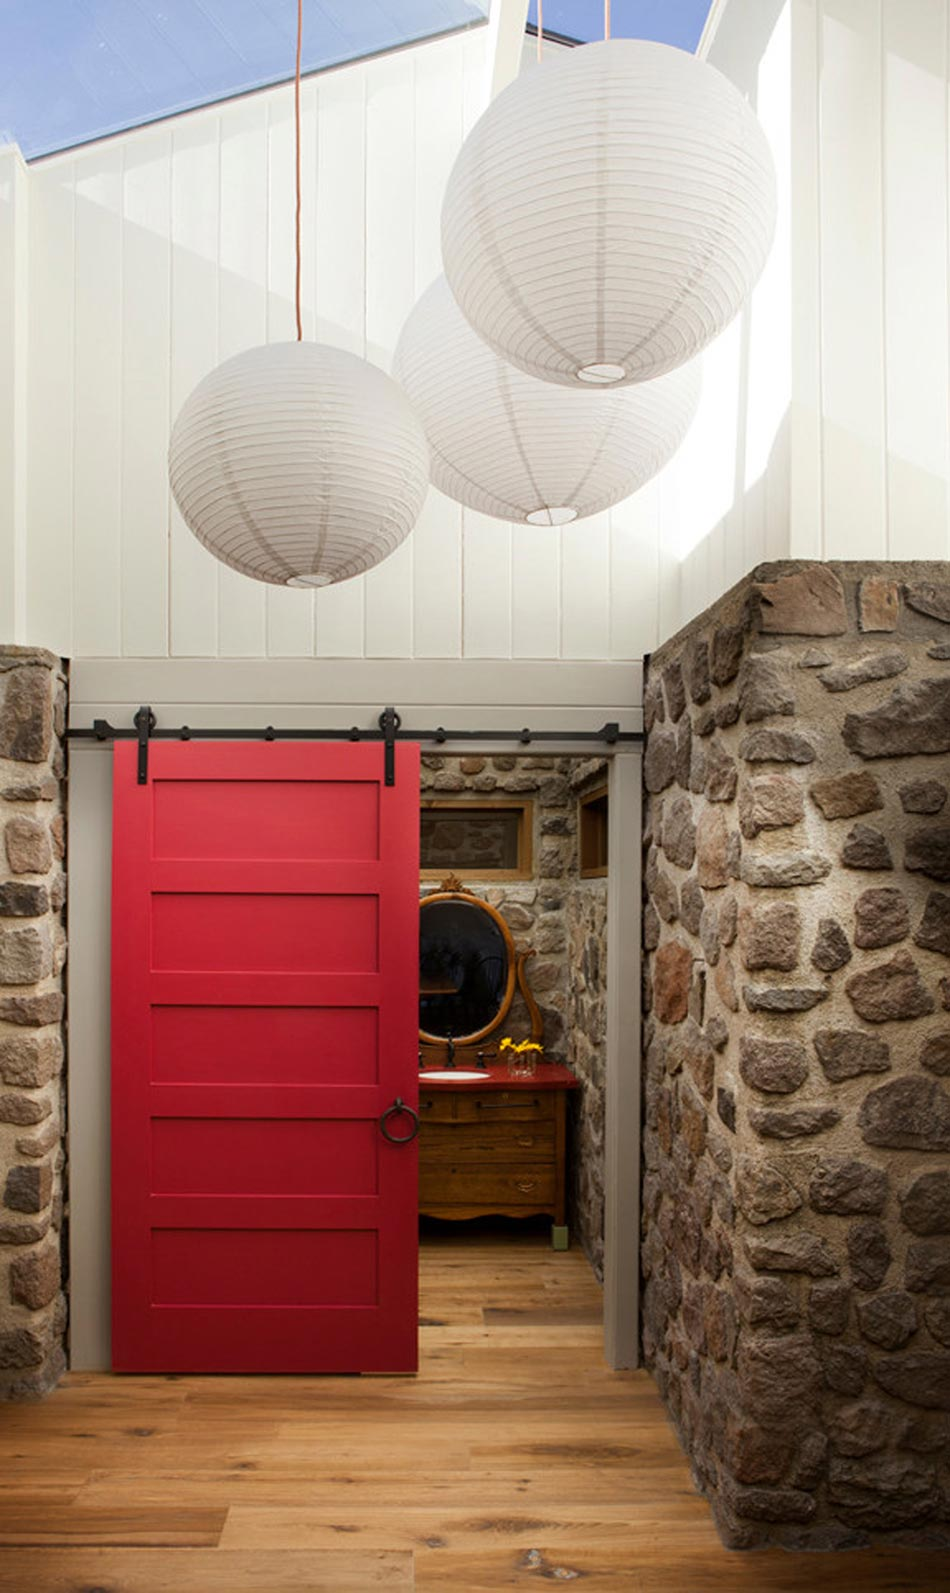 Porte coulissante design cr ant des ambiances d int rieur for Meuble johnson